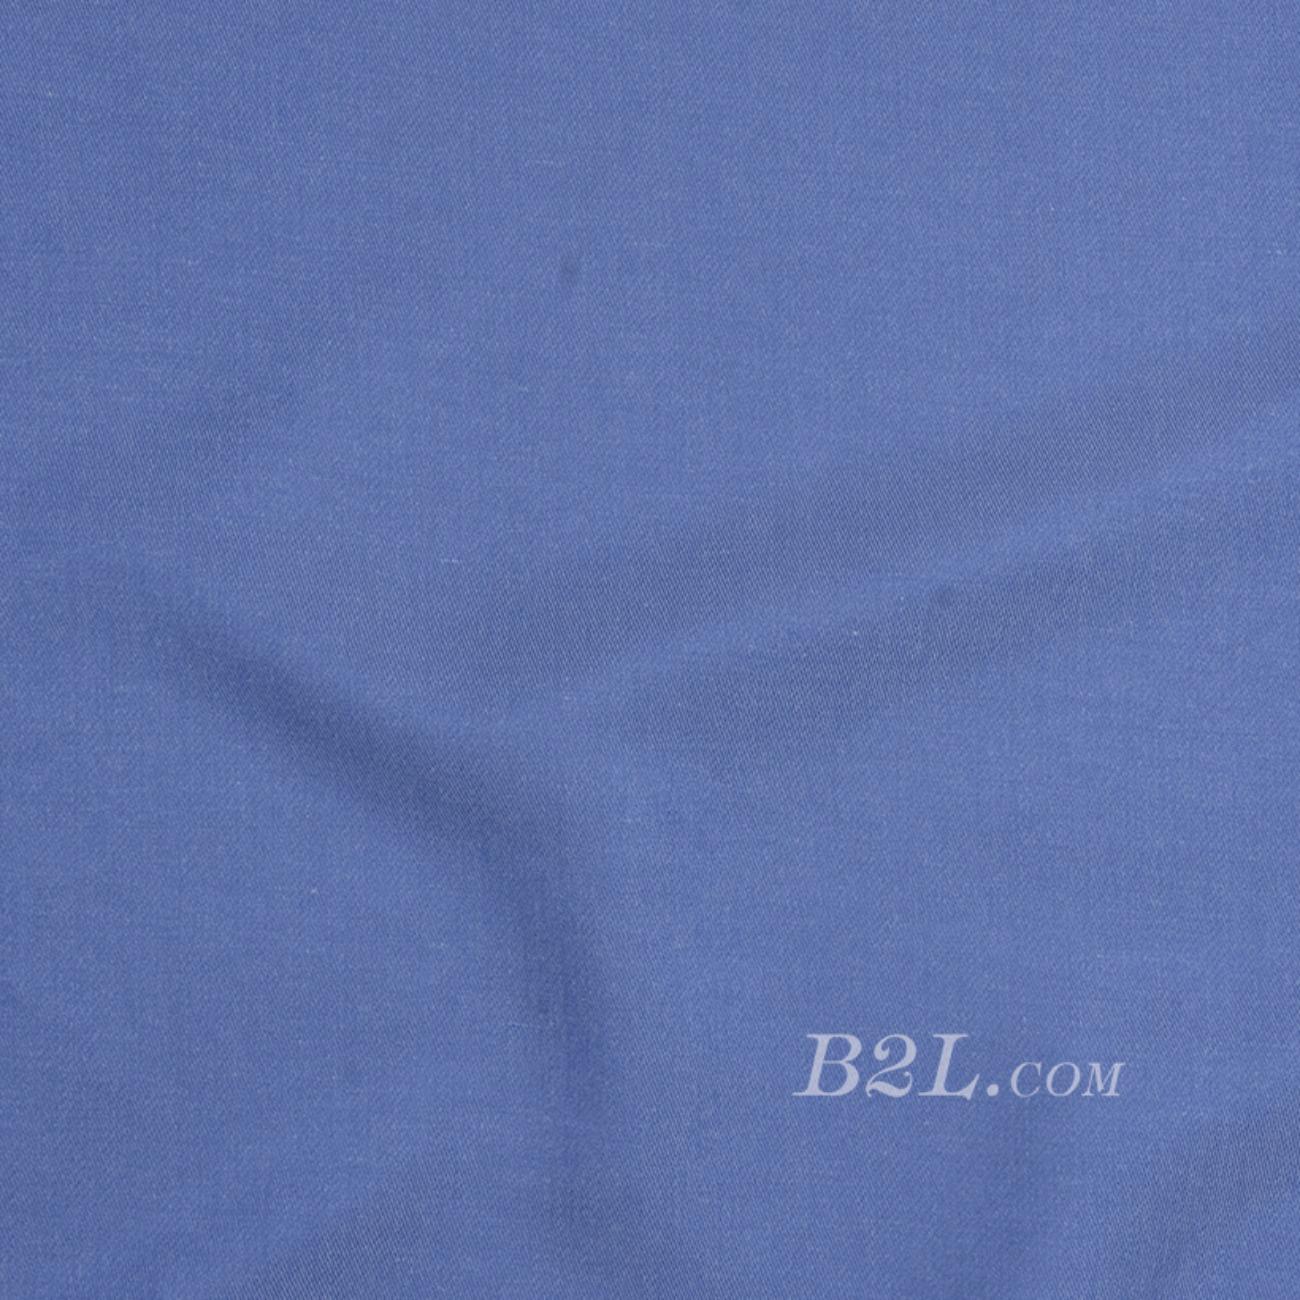 素色 梭织 染色 低弹 春夏 外套 连衣裙 时装 90217-23